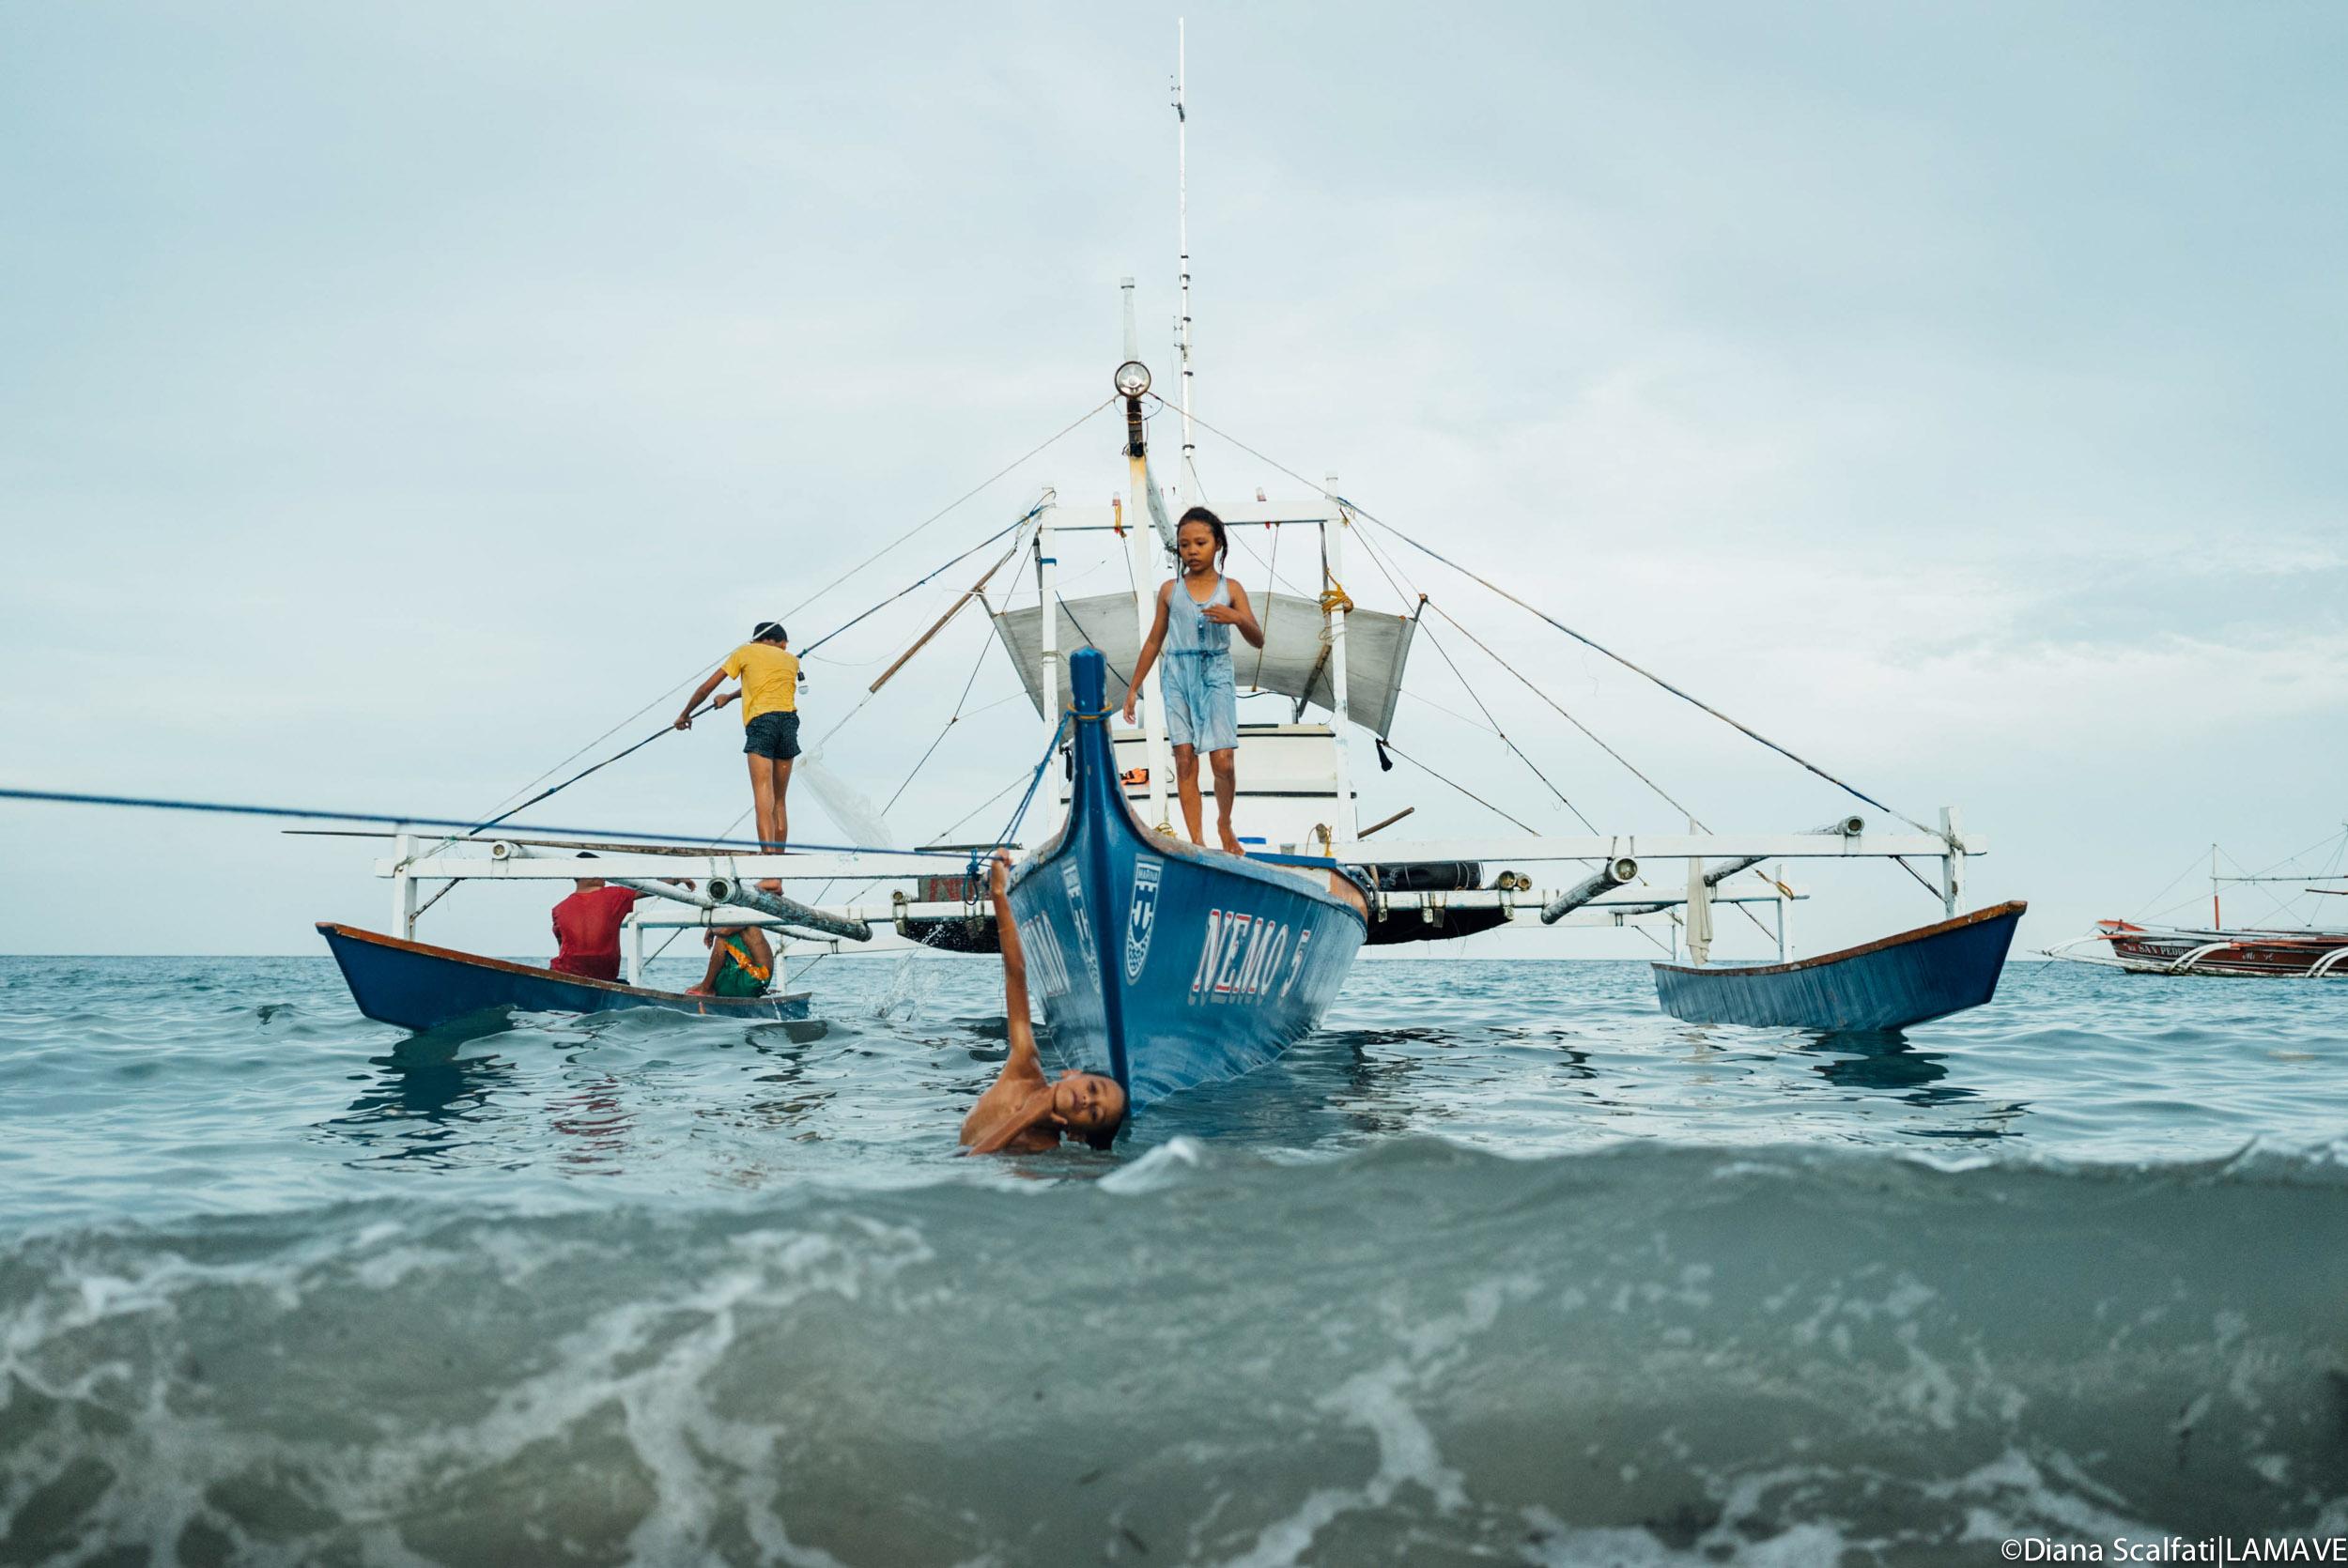 bohol-lamave-fisheries-diana-scalfati-2.jpg